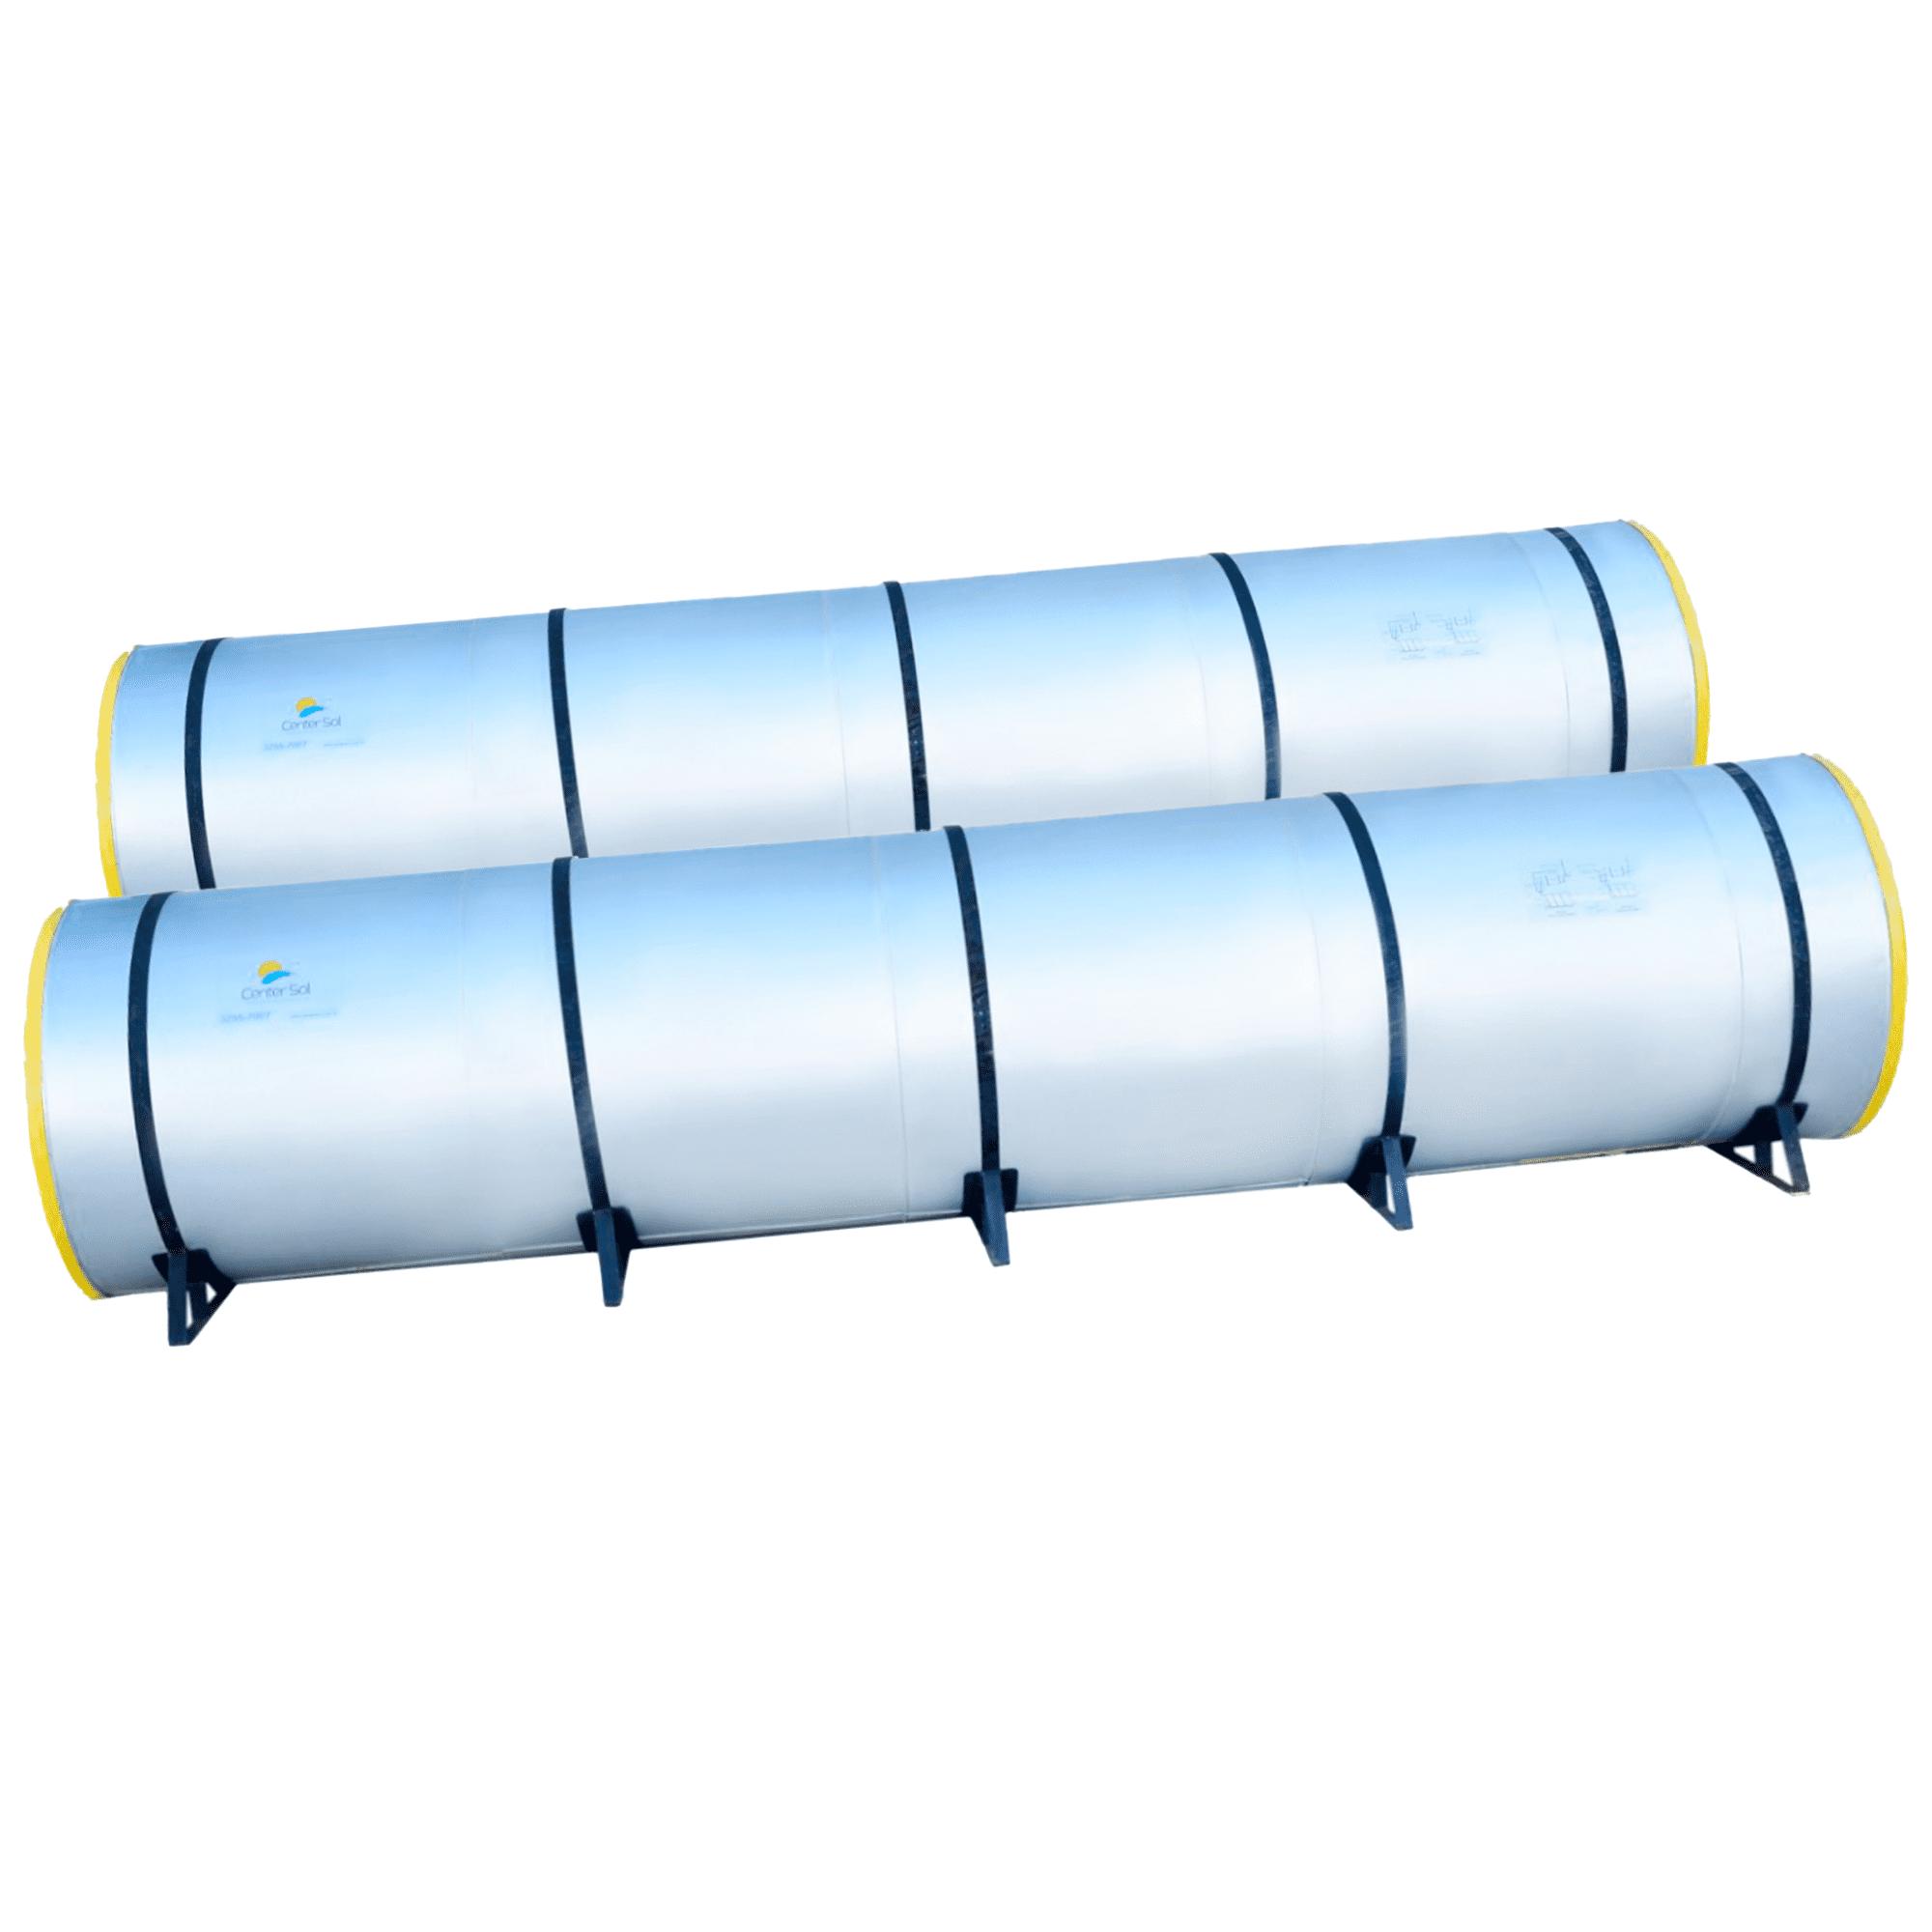 Boiler para Aquecedor Solar 3000 Litros - Inox (Reservatório Térmico)